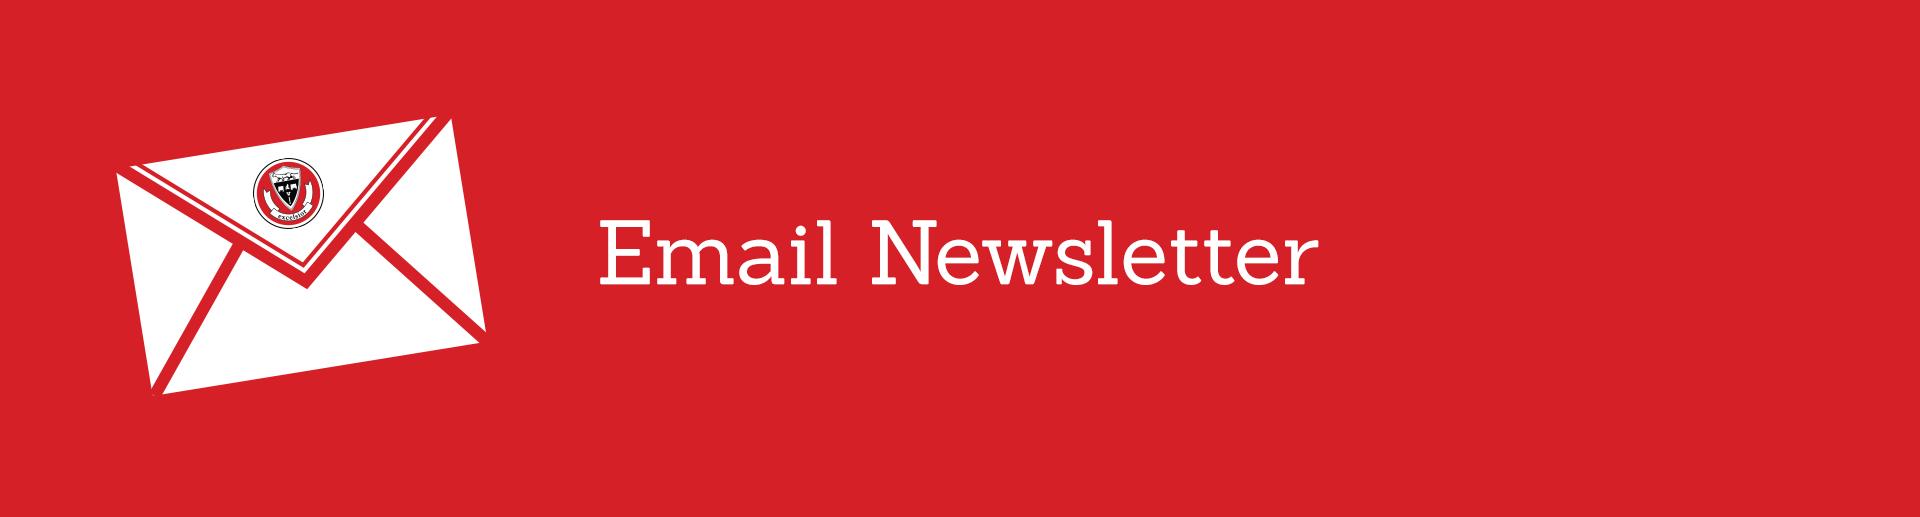 CHS-email newsletter slider1